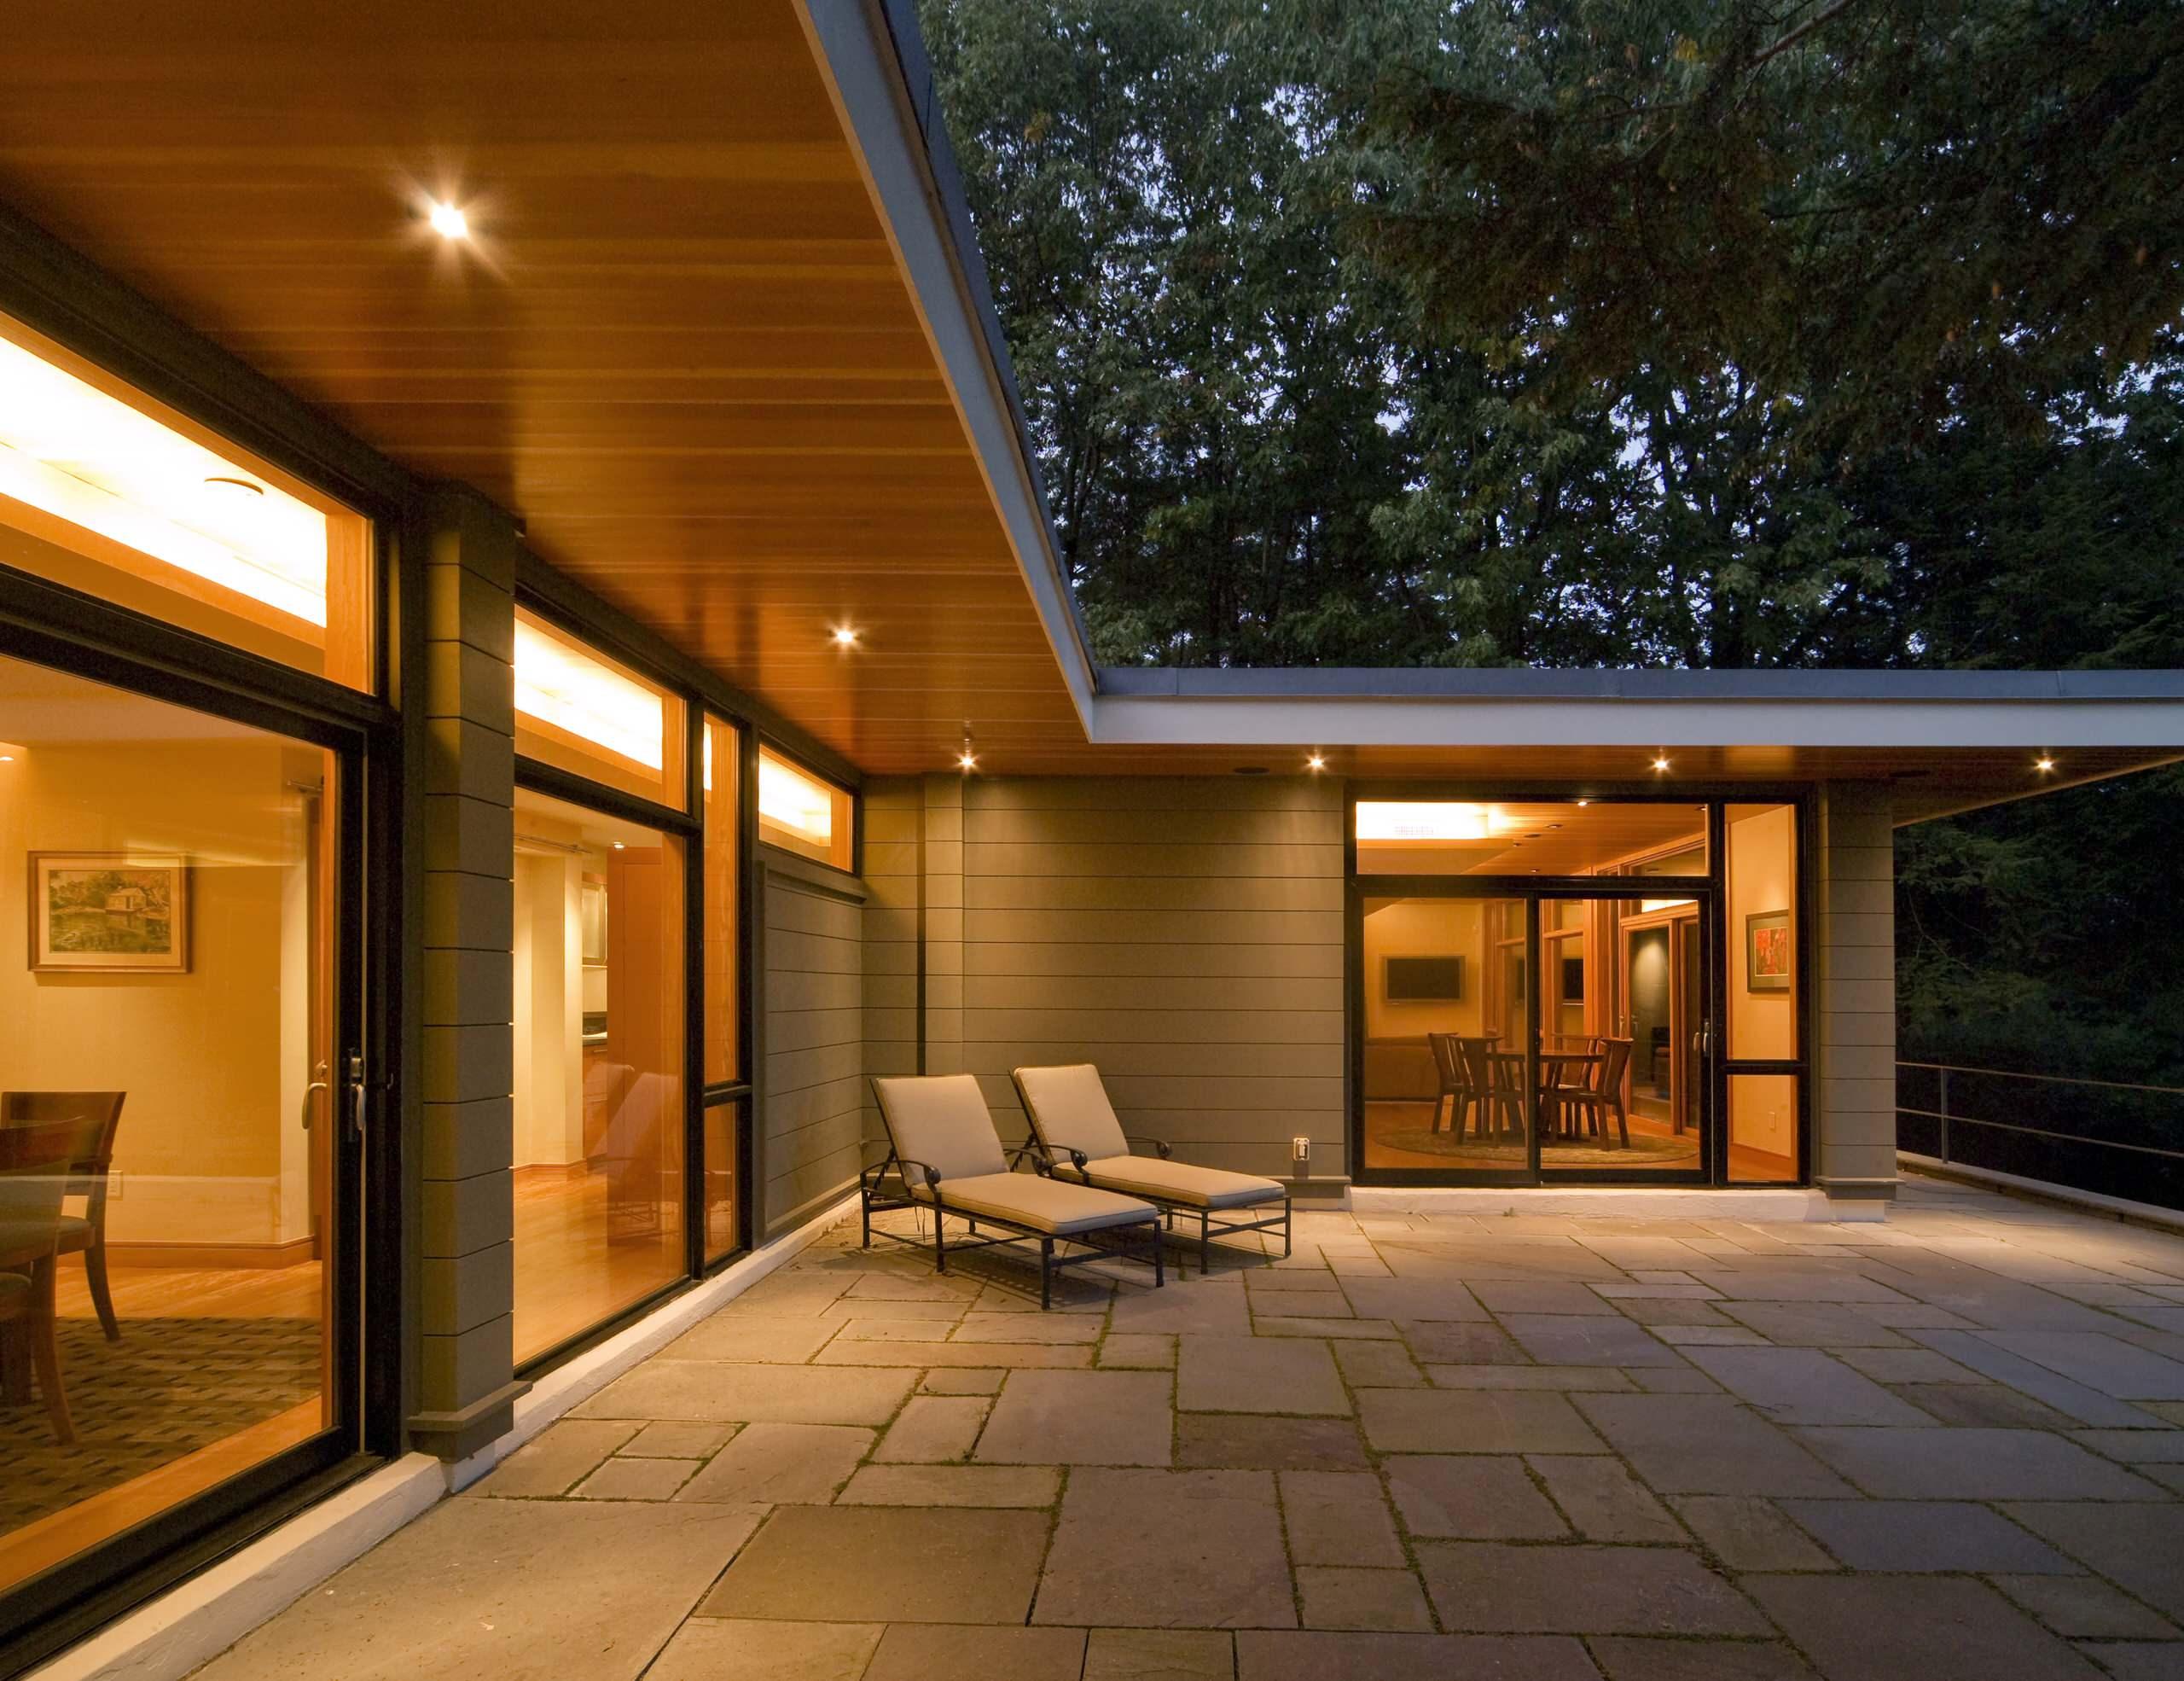 exterior soffit lighting houzz